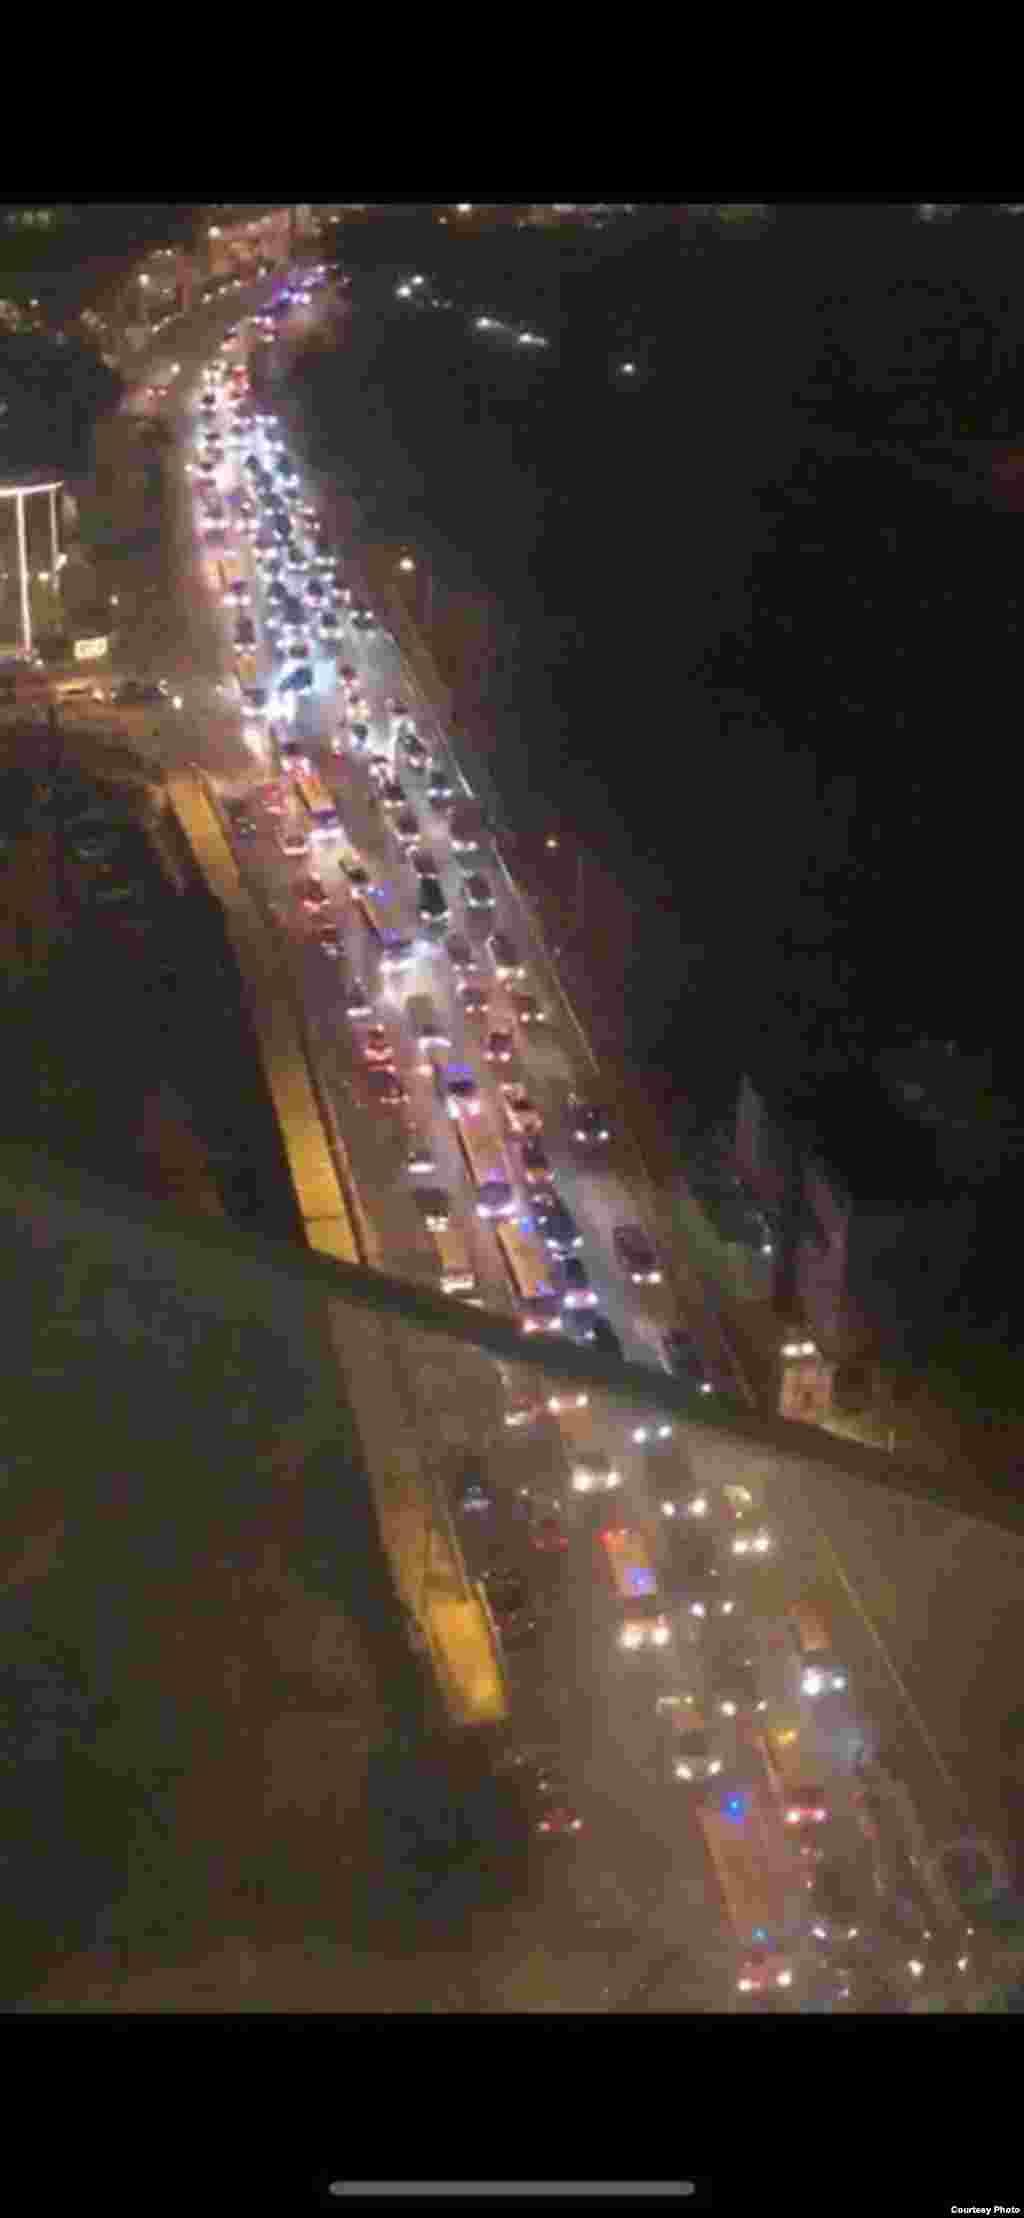 Полицейские машины направляются в сторонууниверситета PolyU. Фото снято в 20 часов по местному времени 18 ноября 2019 года из окна студенческого общежития.